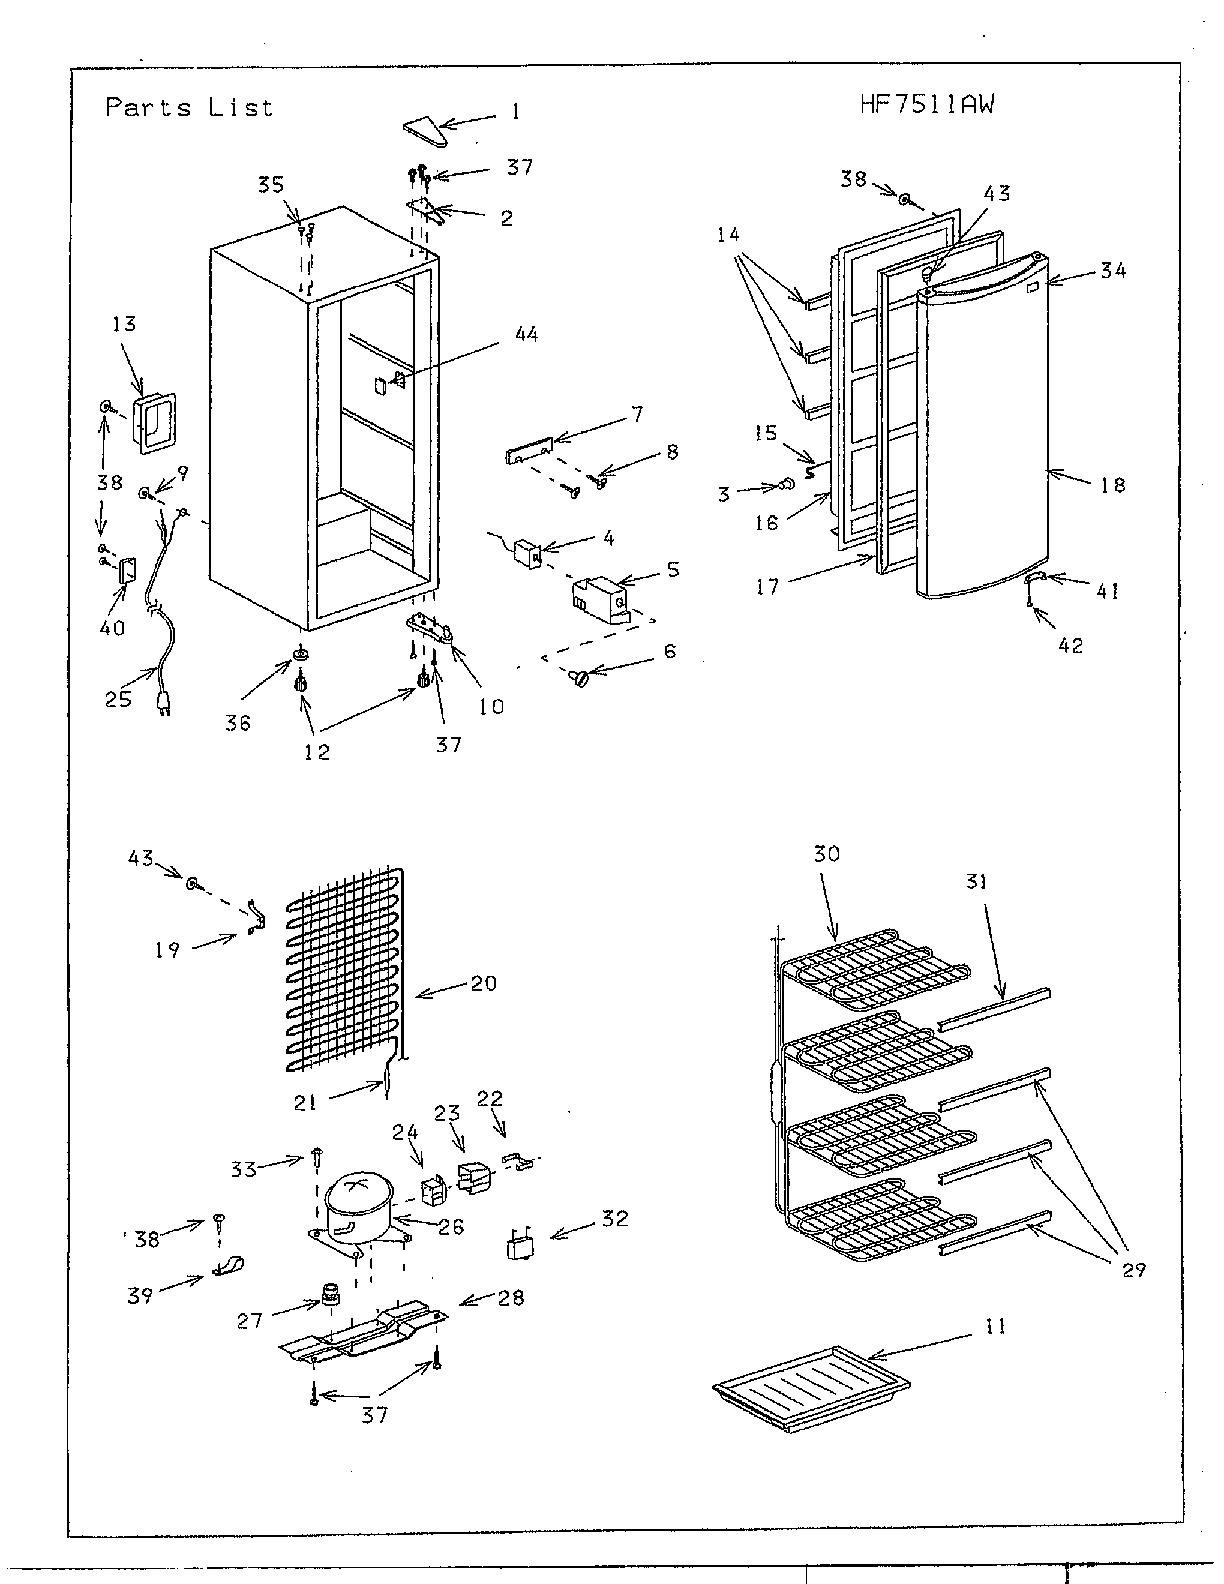 Sanyo model AF758M upright freezer genuine parts